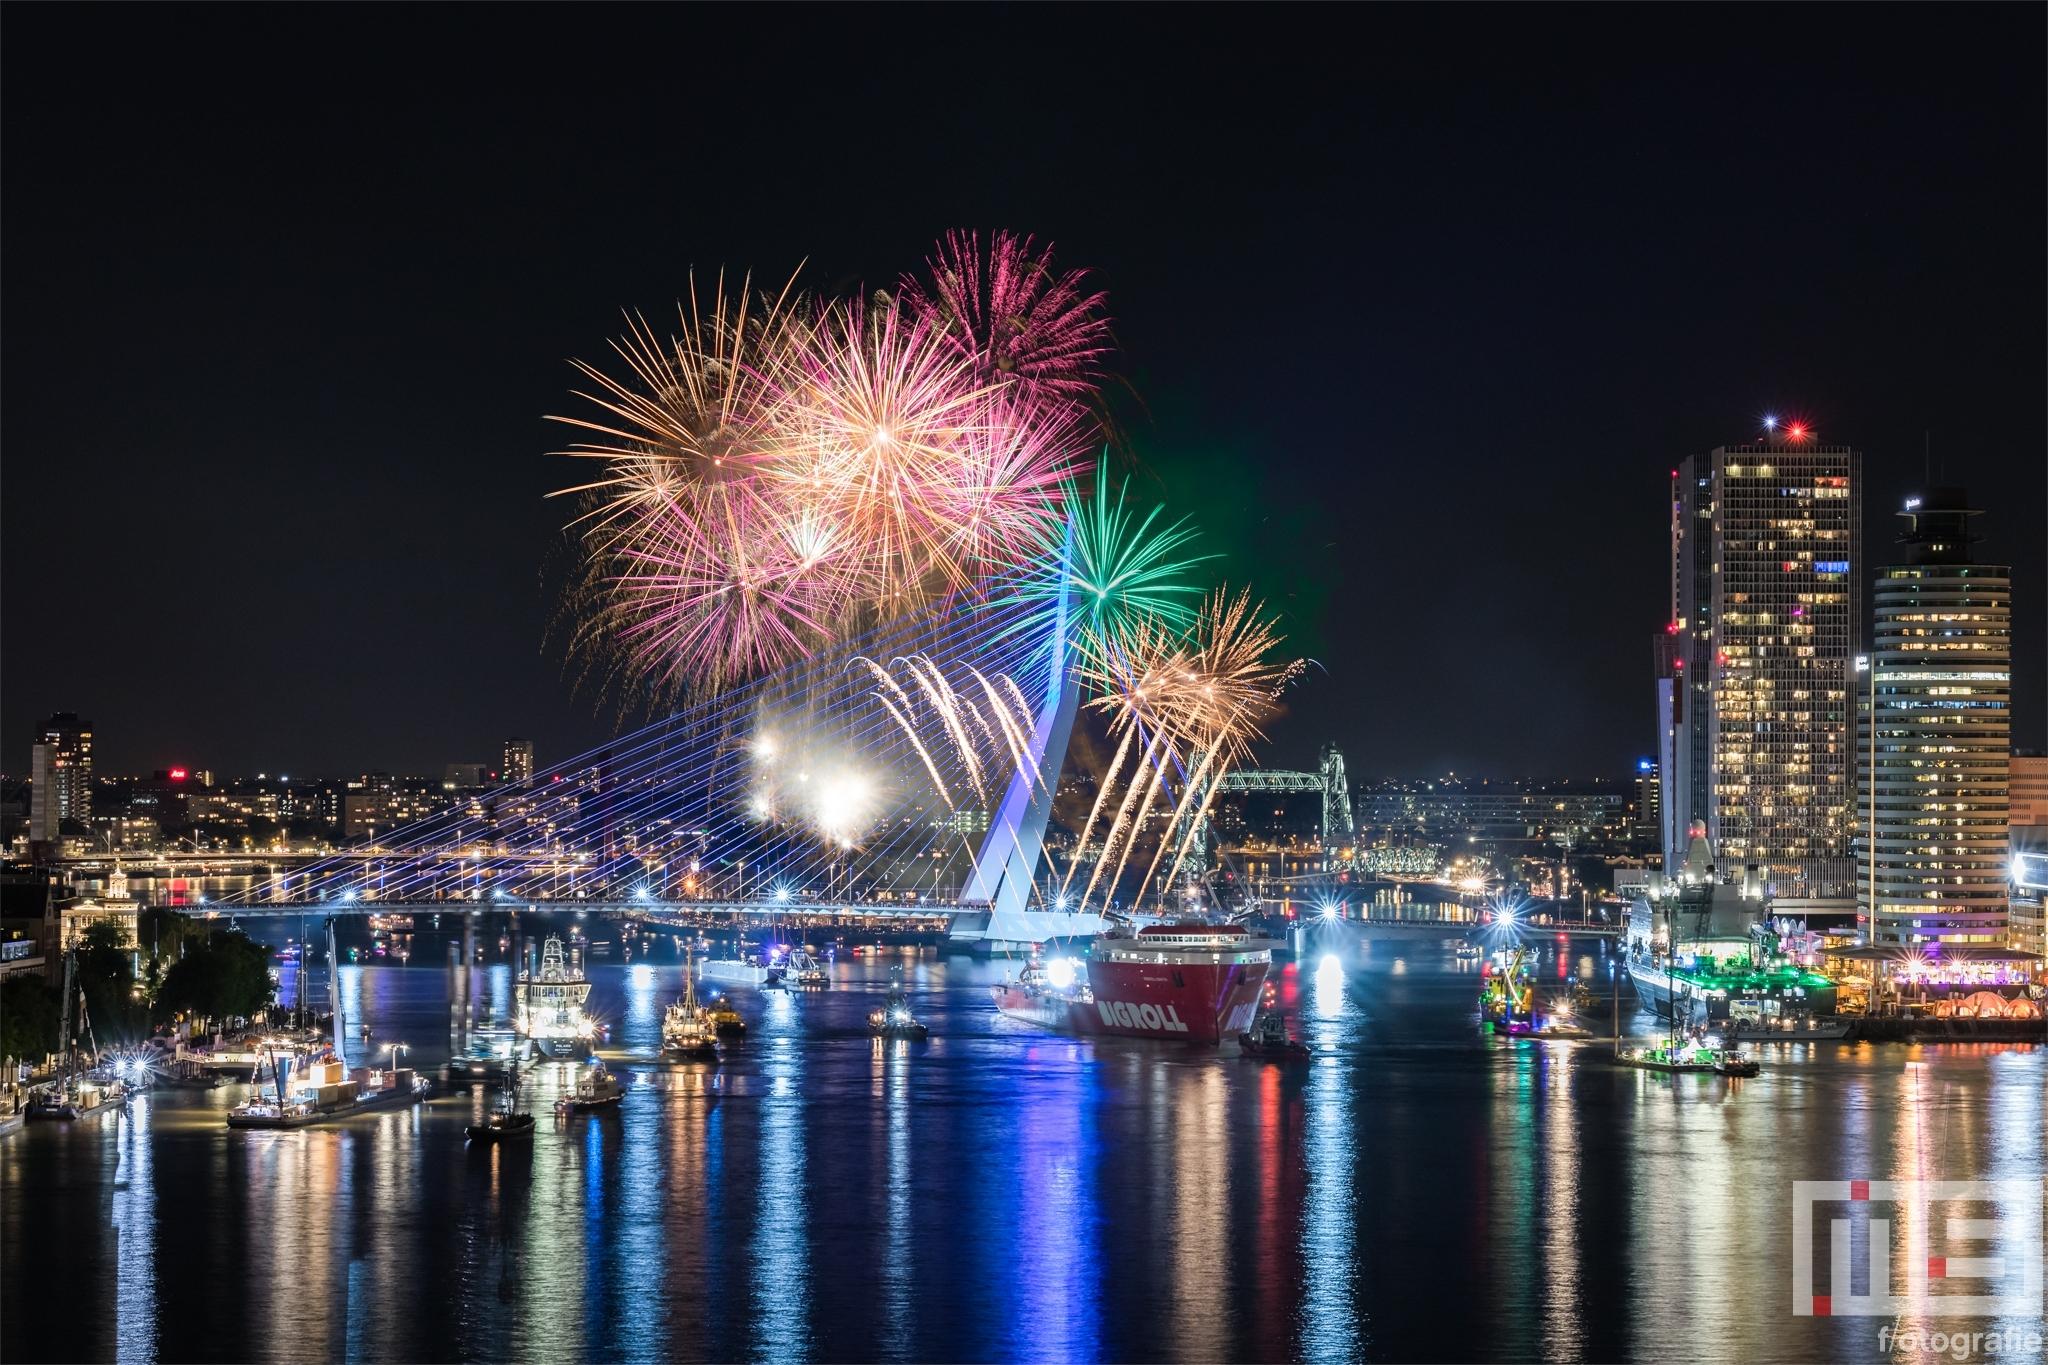 Te Koop | Het vuurwerk tijdens het avondprogramma van de Wereldhavendagen in Rotterdam met de Erasmusbrug